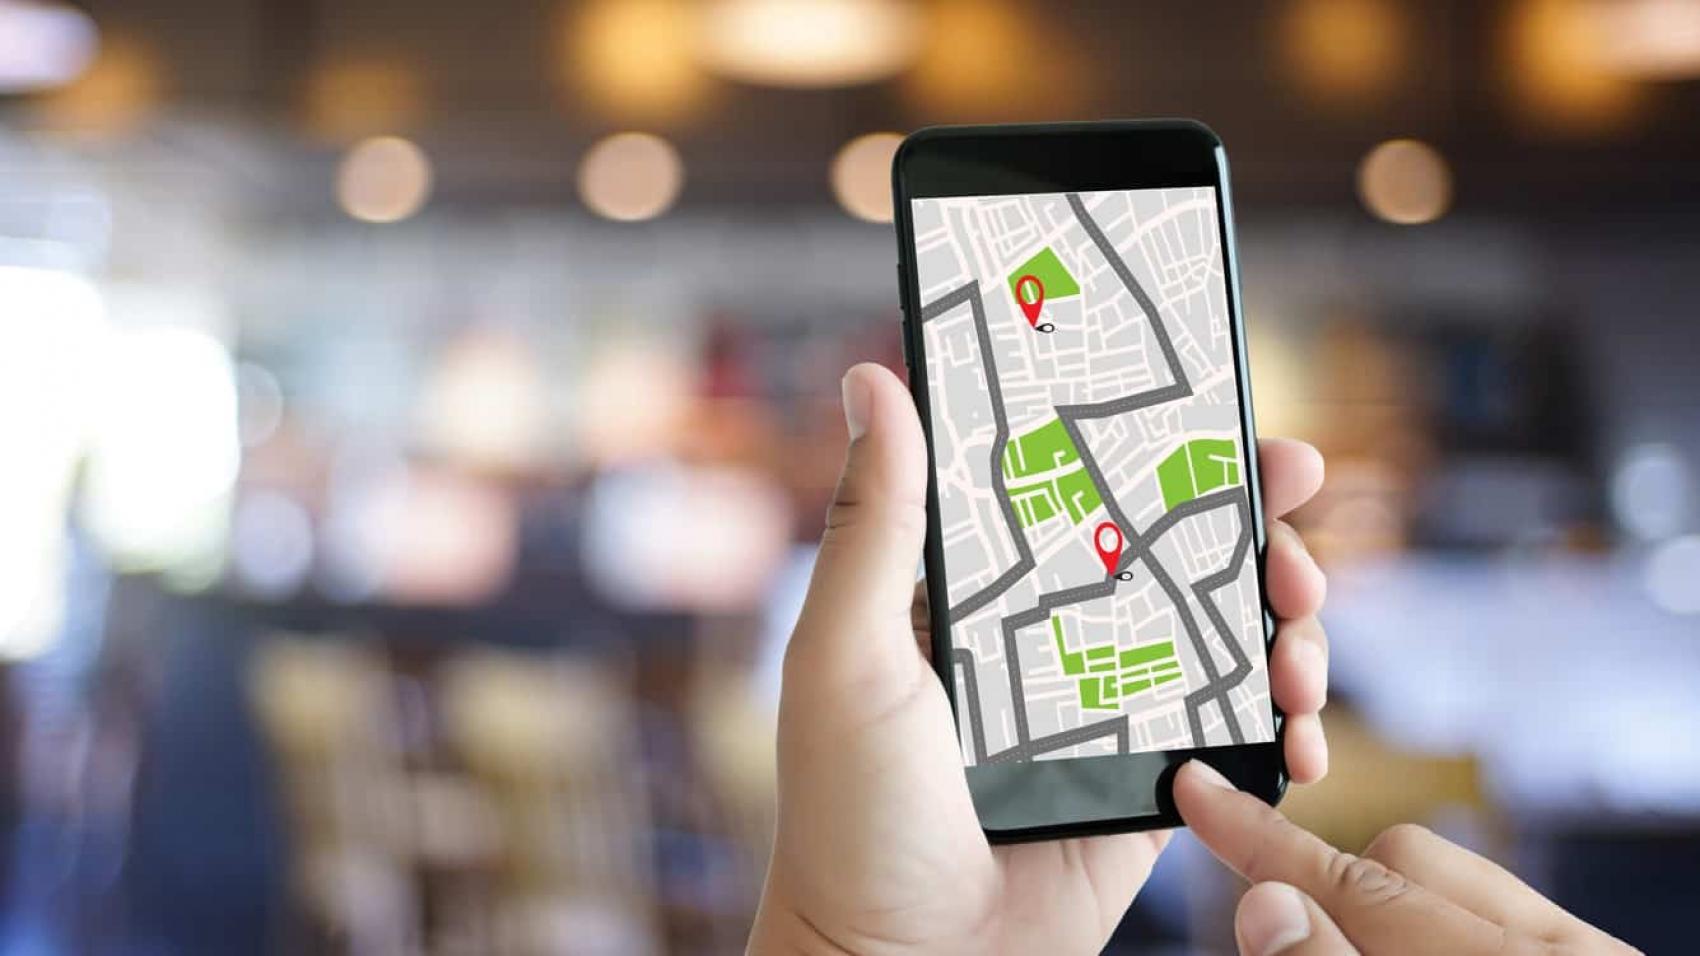 Visualização de rotas no celular